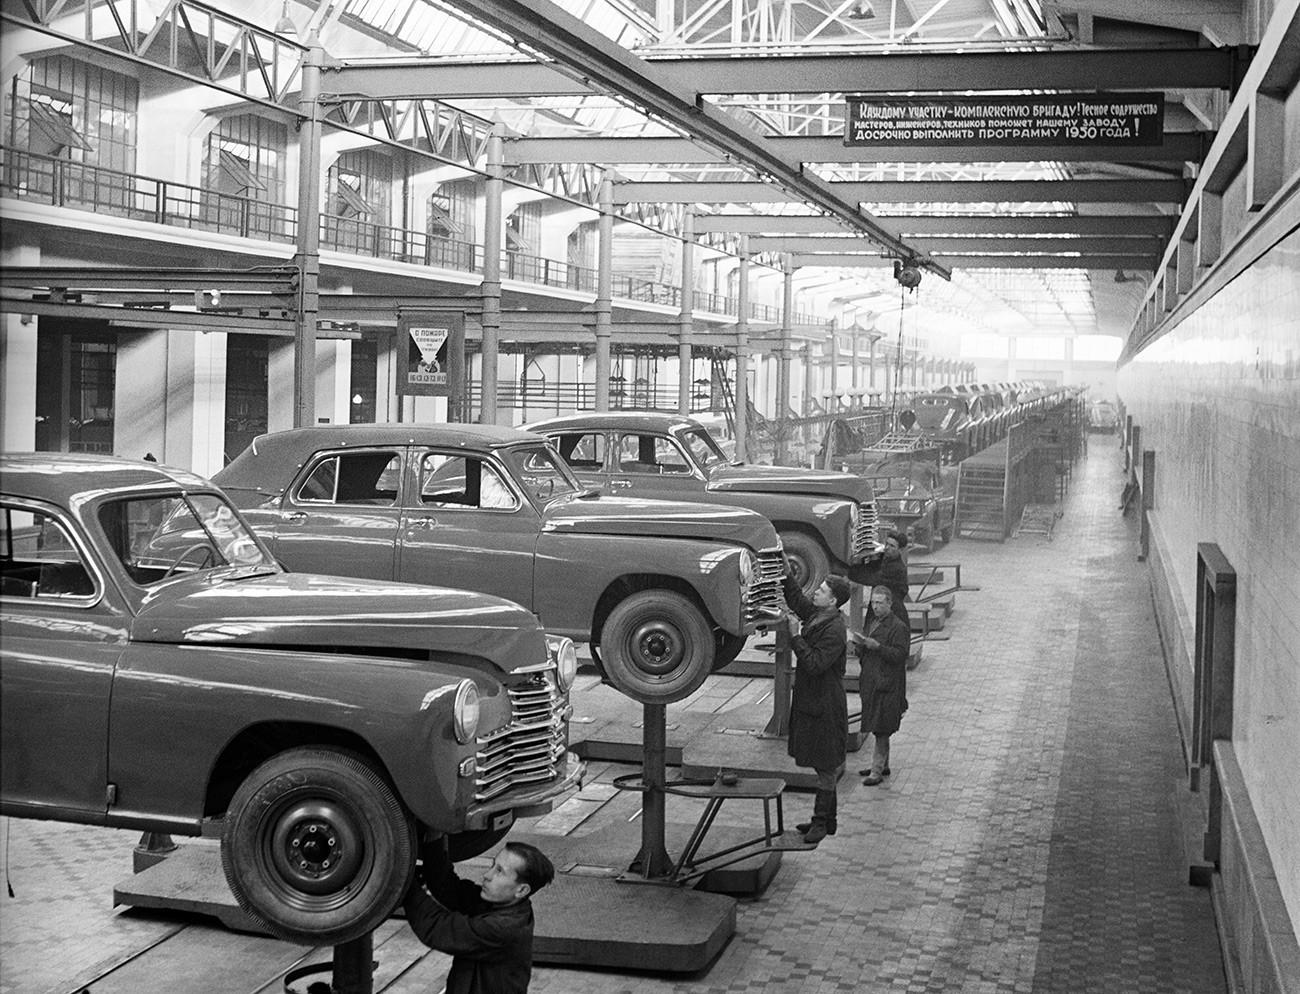 """Погон за составување автомобили М-20 (""""Победа"""") во фабриката за автомобили """"Молотов"""", град Горки (денешен Нижни Новгород)."""